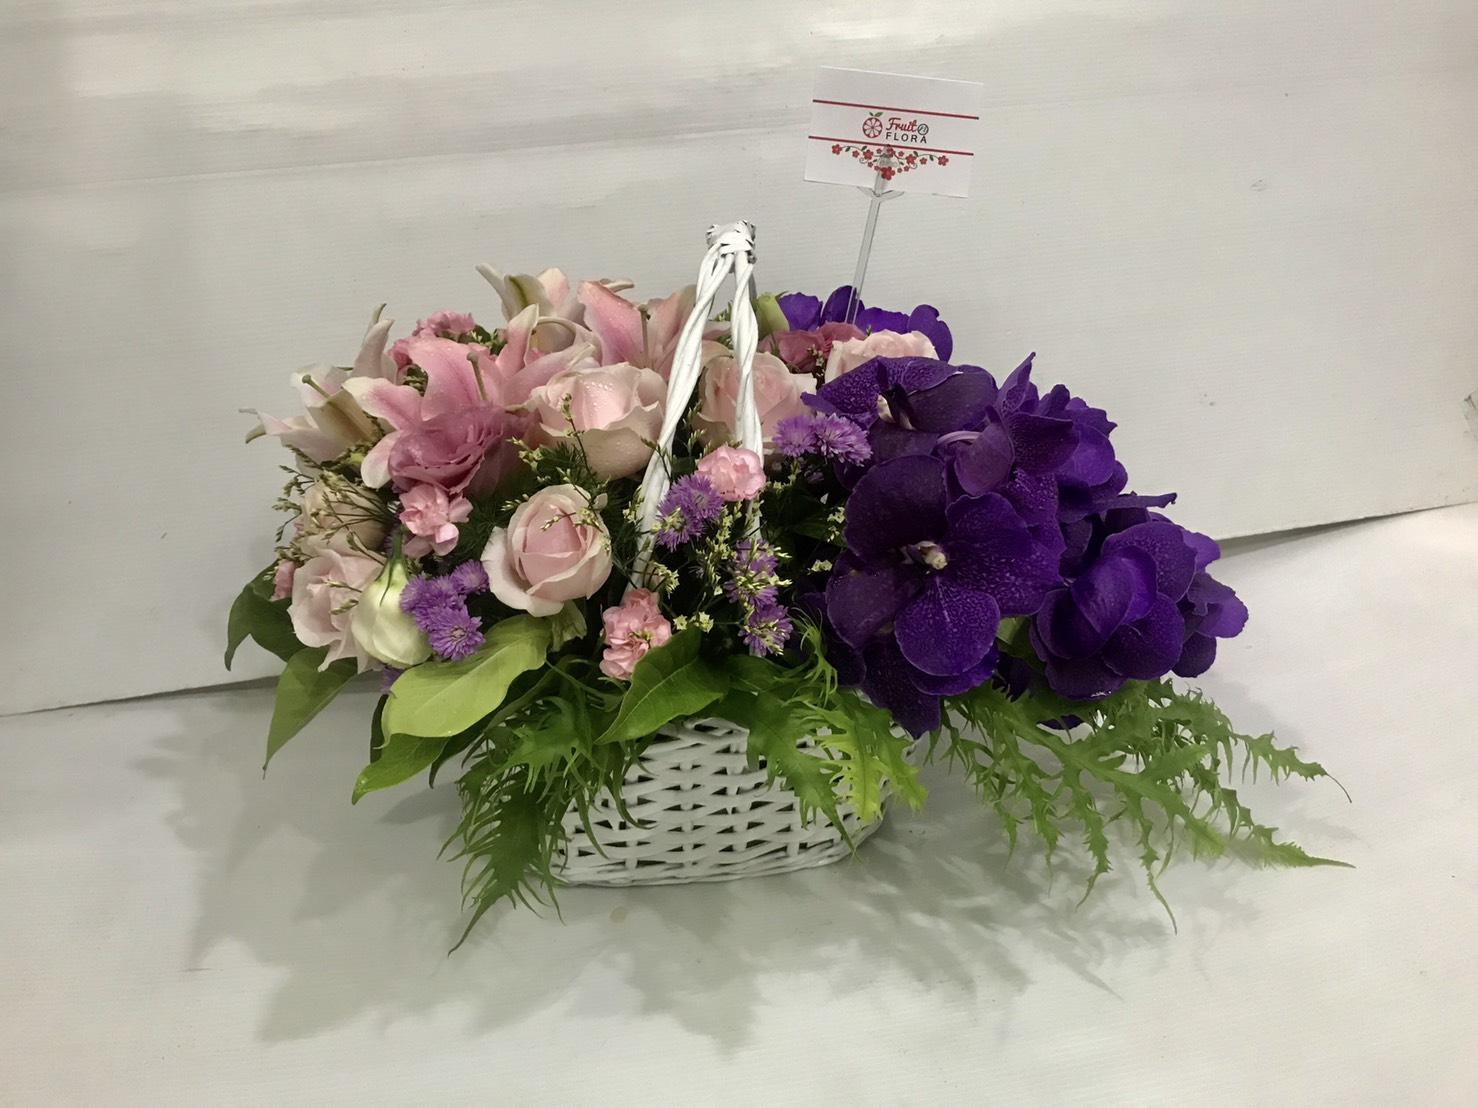 กระเช้าดอกไม้เพิ่มลูกเล่นด้วยการเล่นสีชมพู-ม่วง มองดูแล้วเพลินตาดีนะคะ